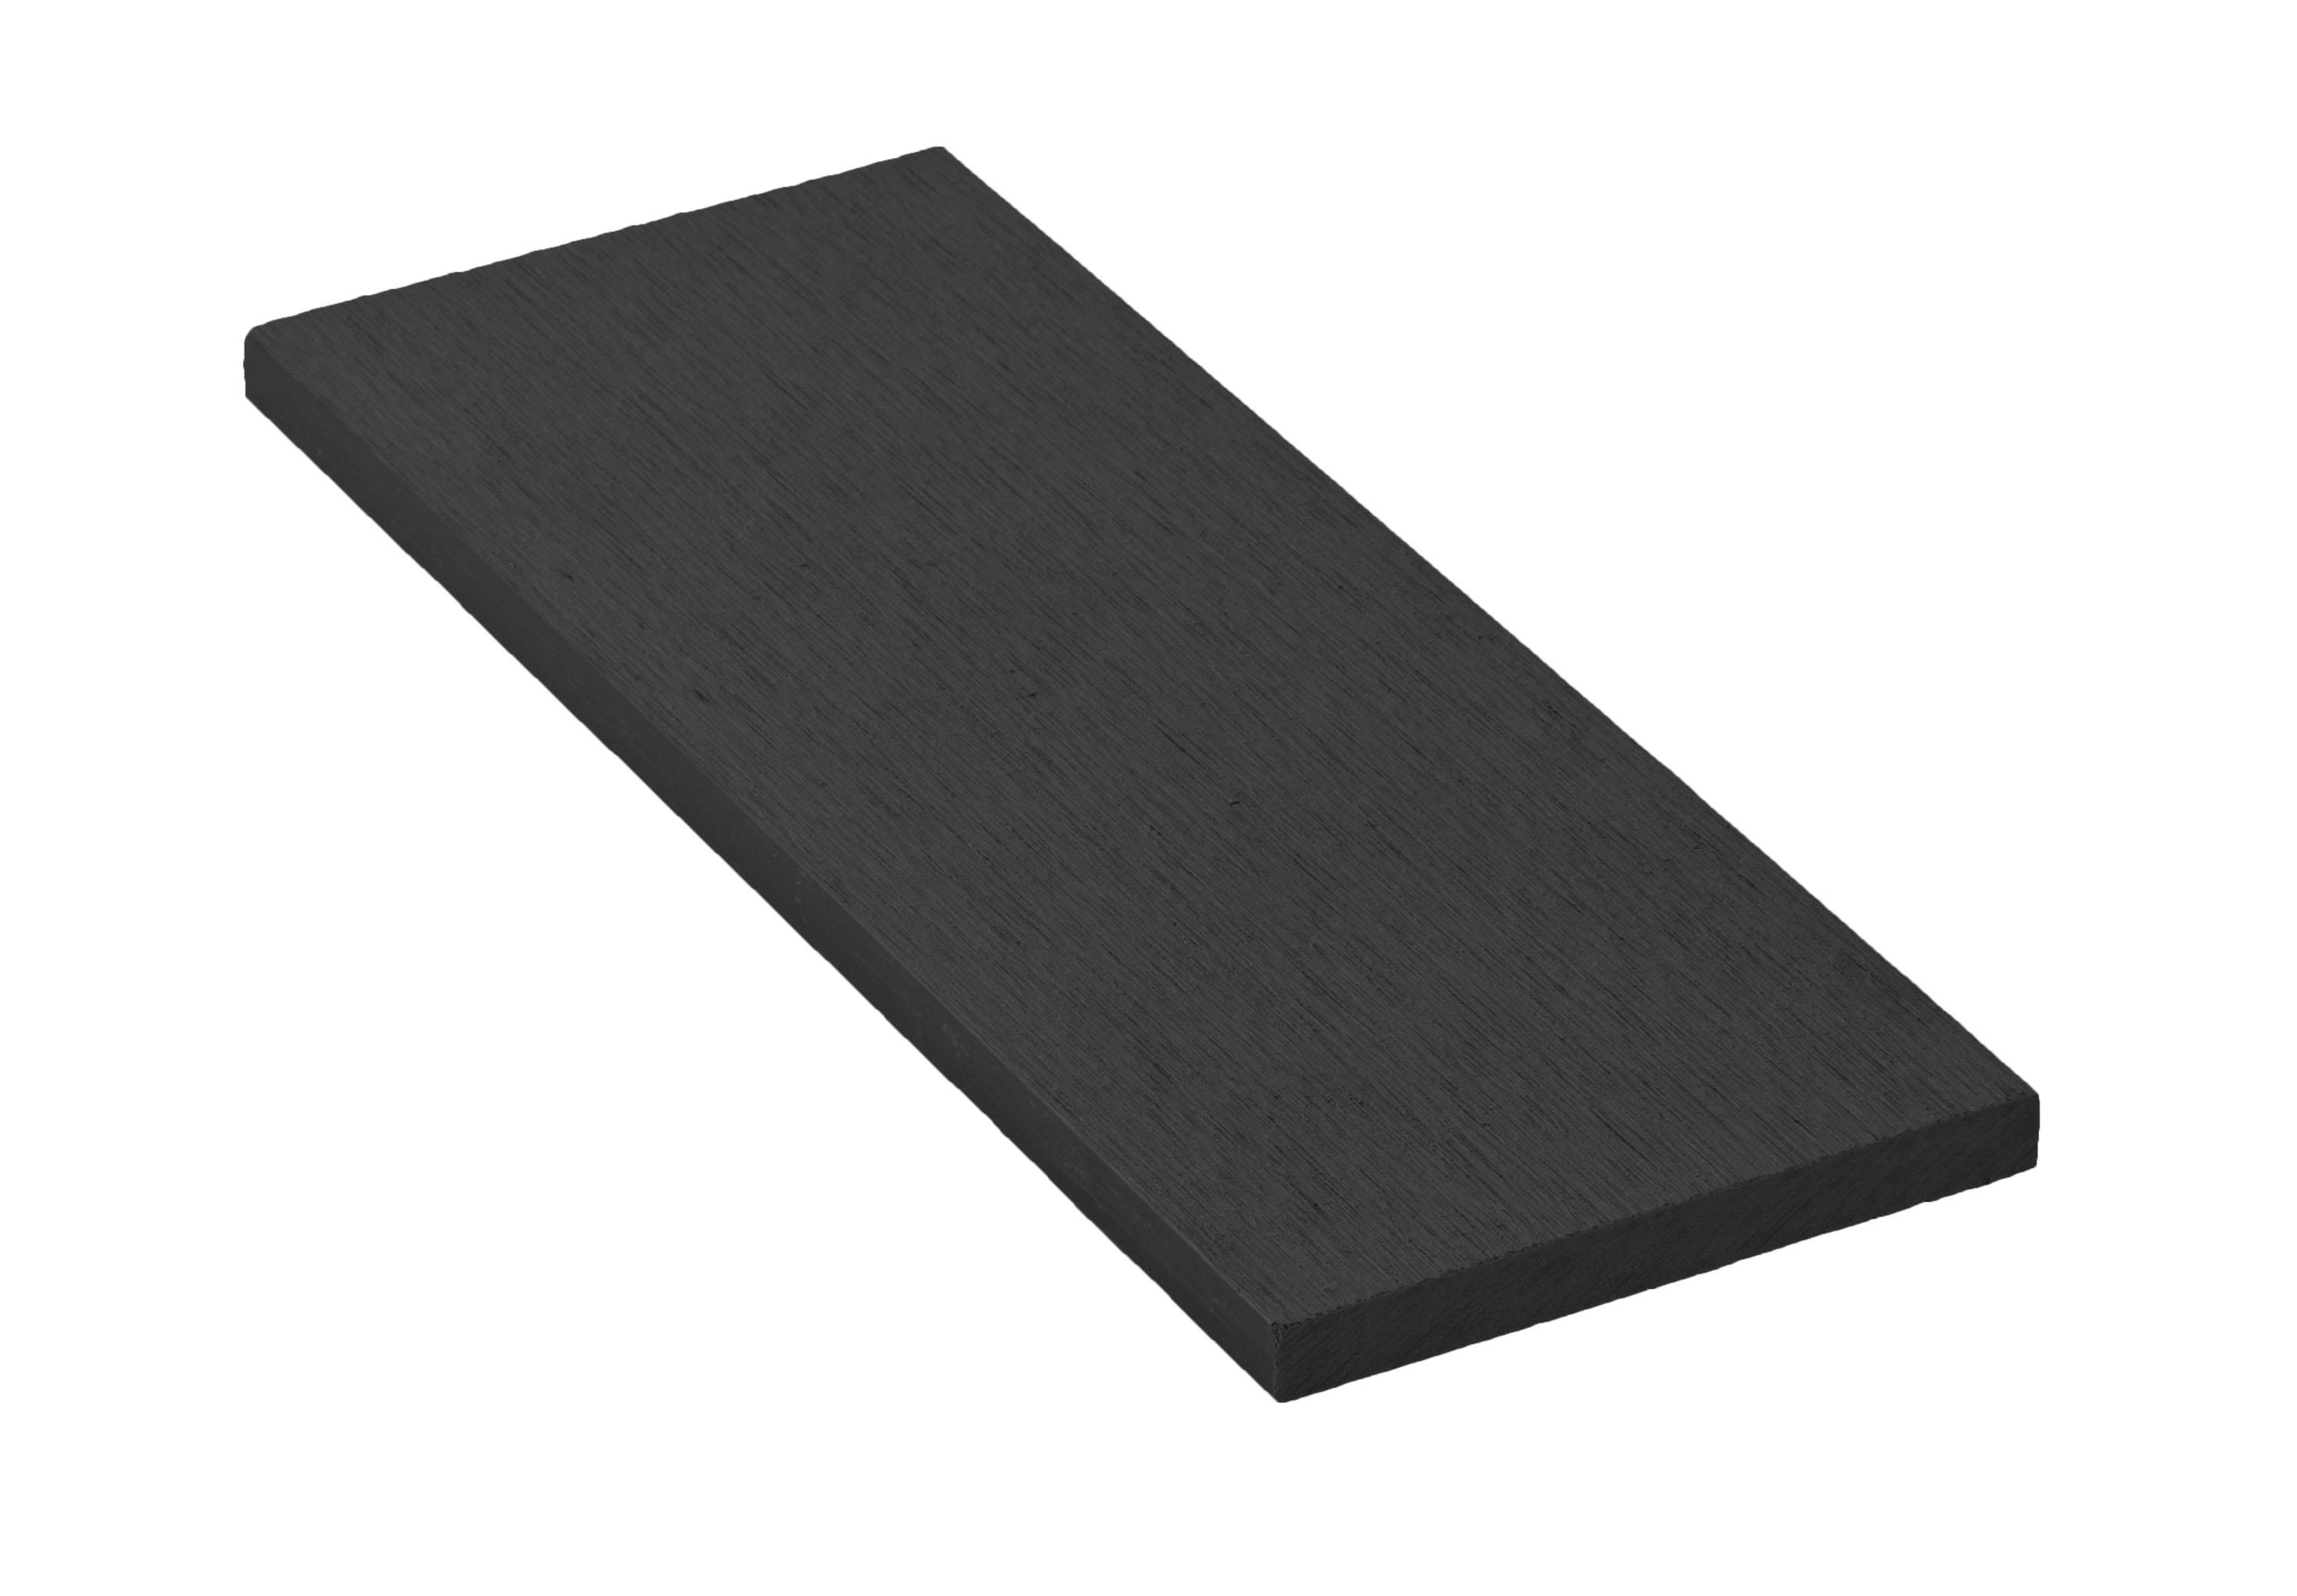 Zakončovácí lišta G21 Eben plochá 0,9 x 9 x 200 cm, mat. WPC